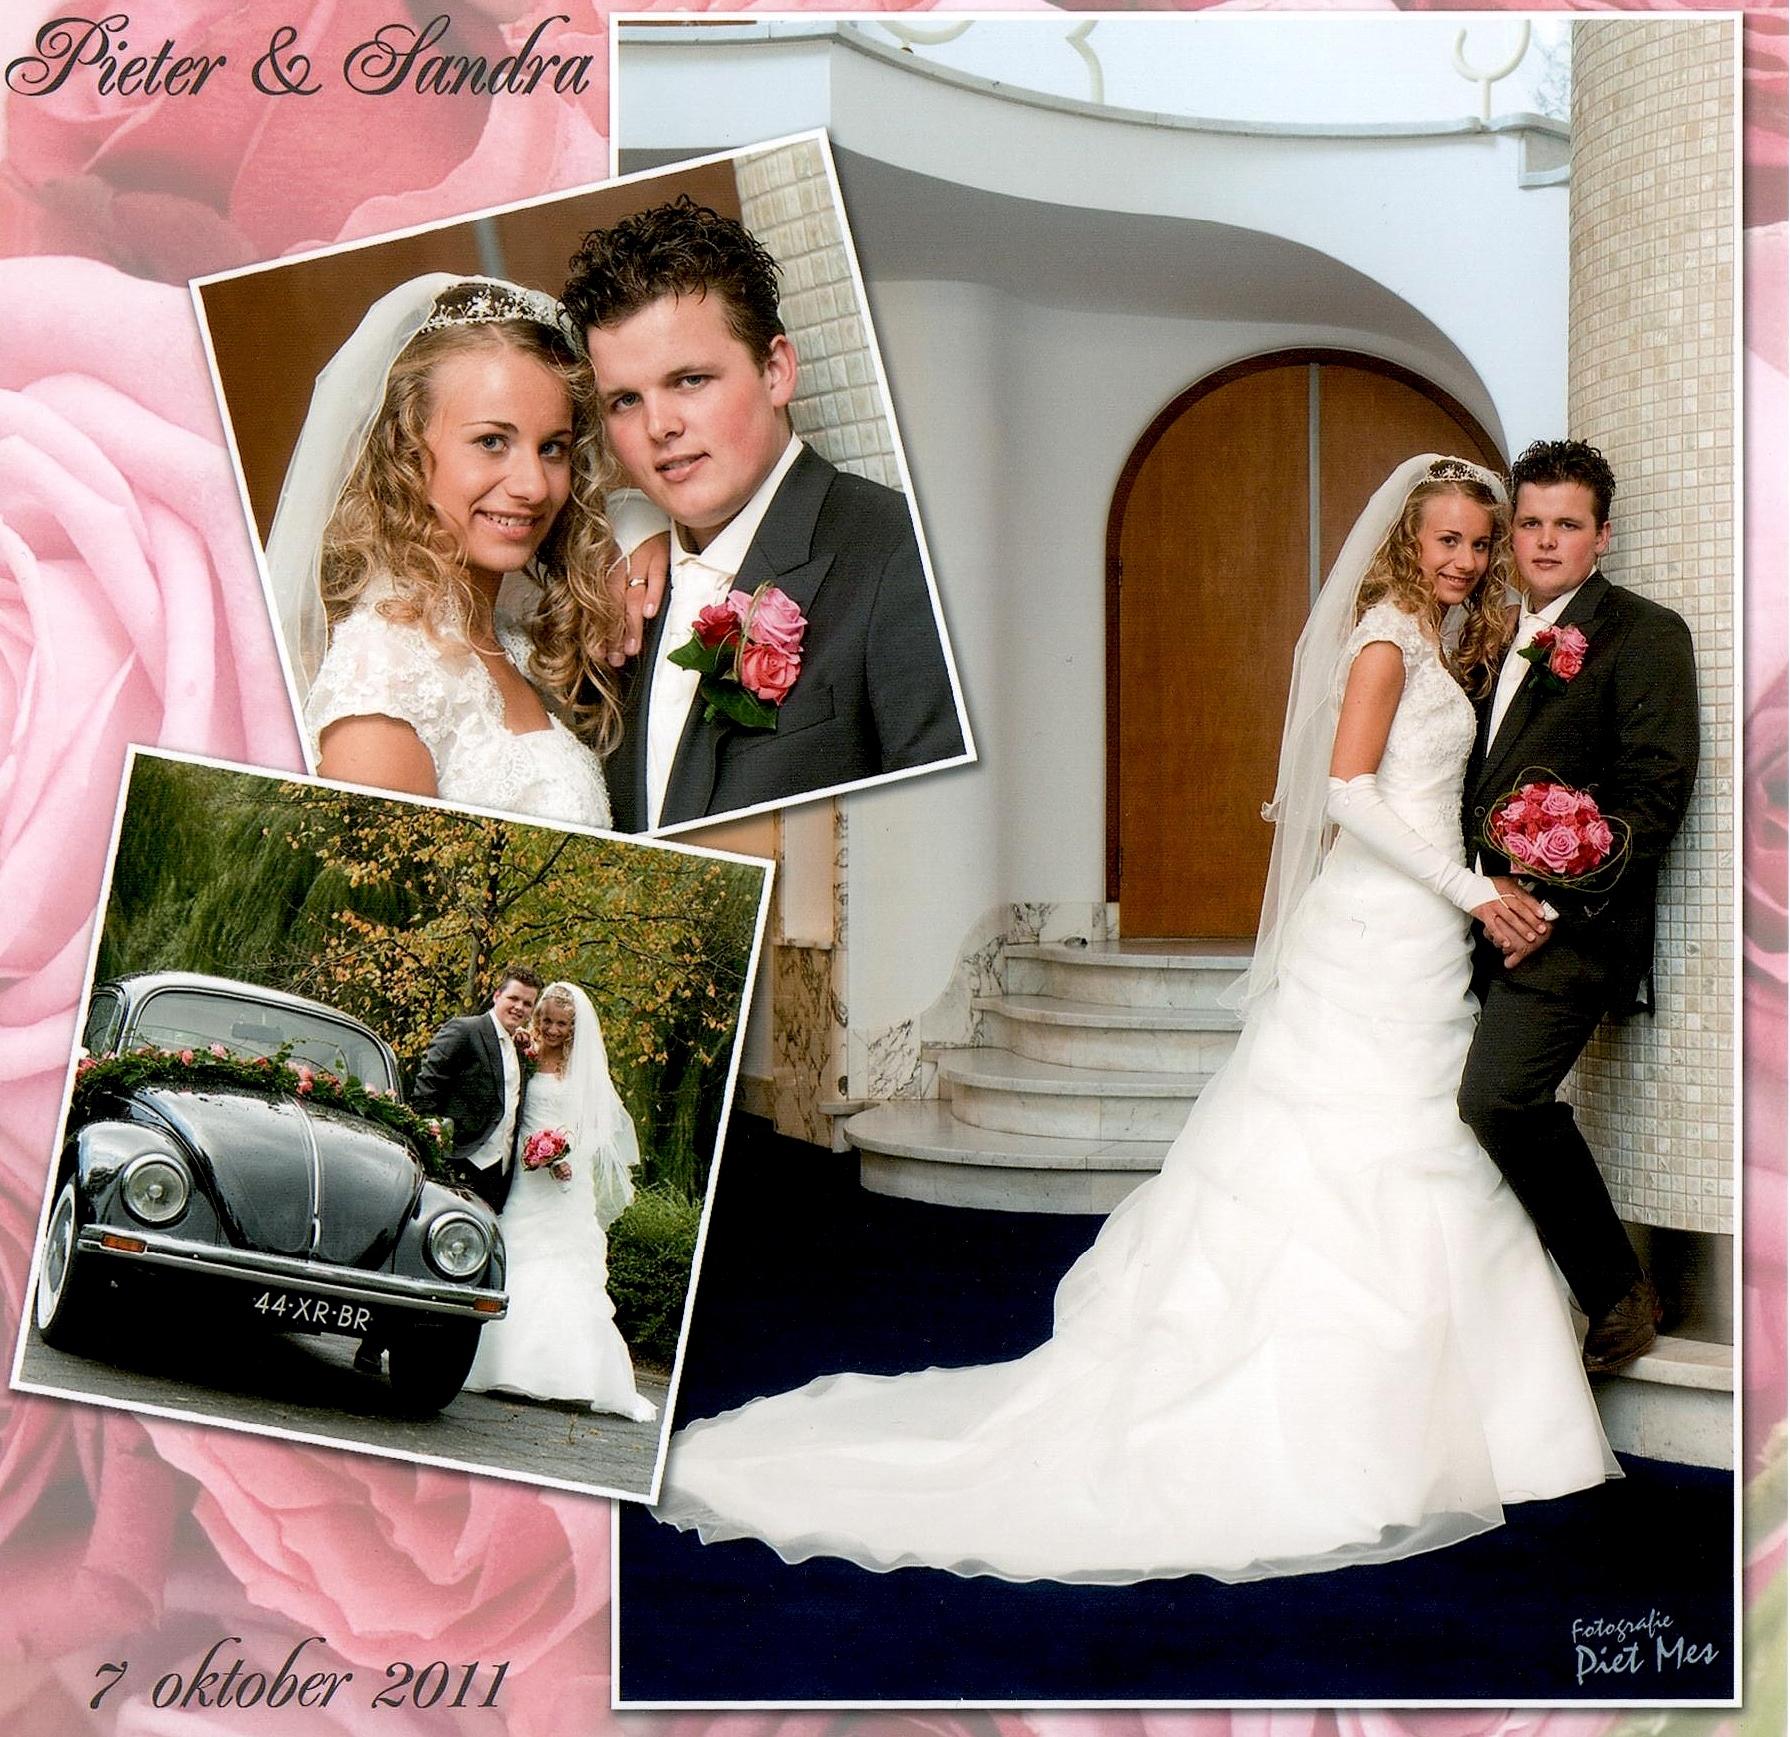 Bruidspaar Meerkerk - Versteeg